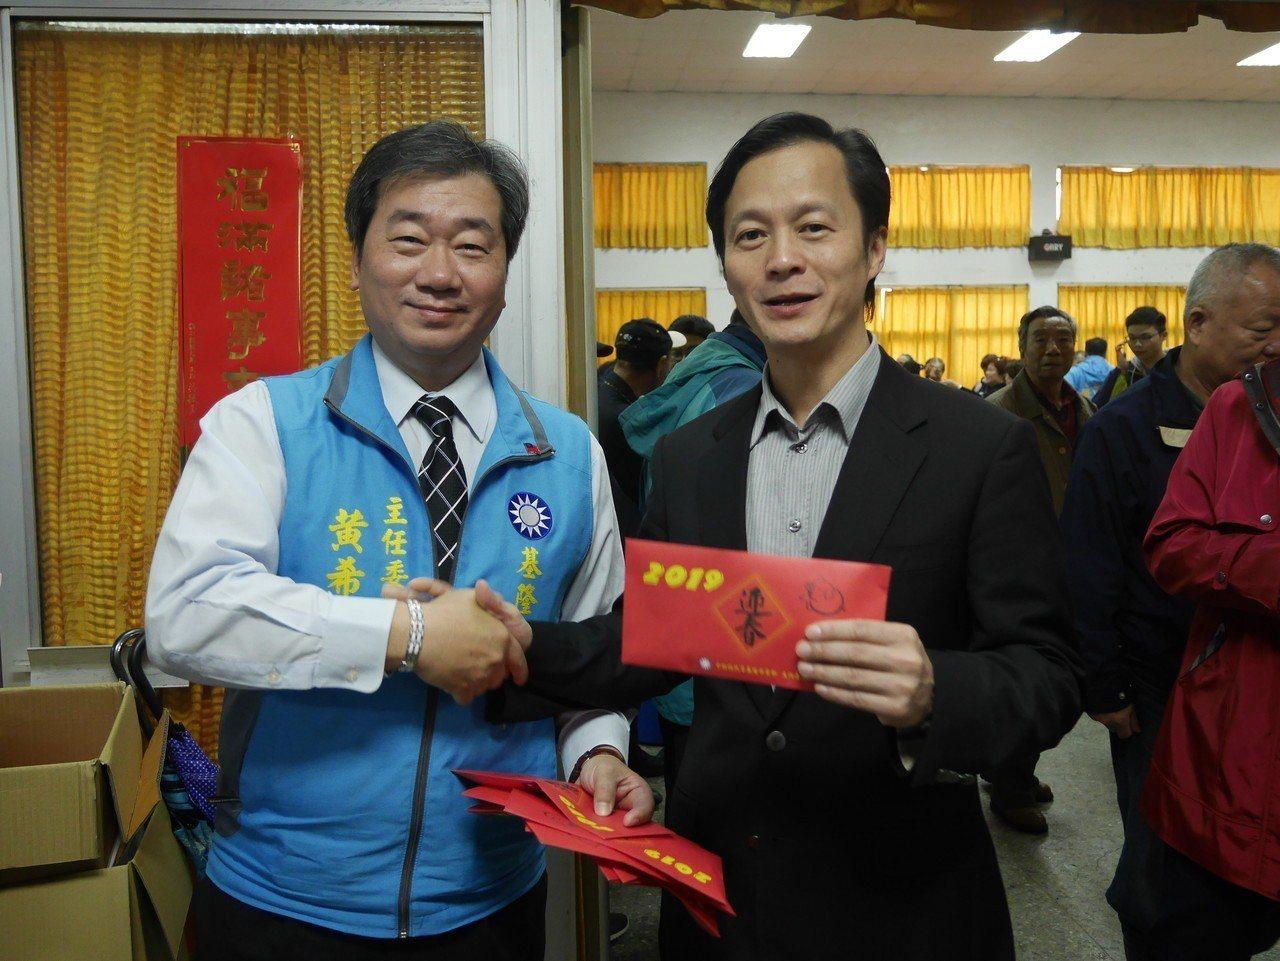 市黨部主委黃希賢今天在新春團拜後發送裝有巧克力的紅包,也要選立委的藍敏煌上前致意...